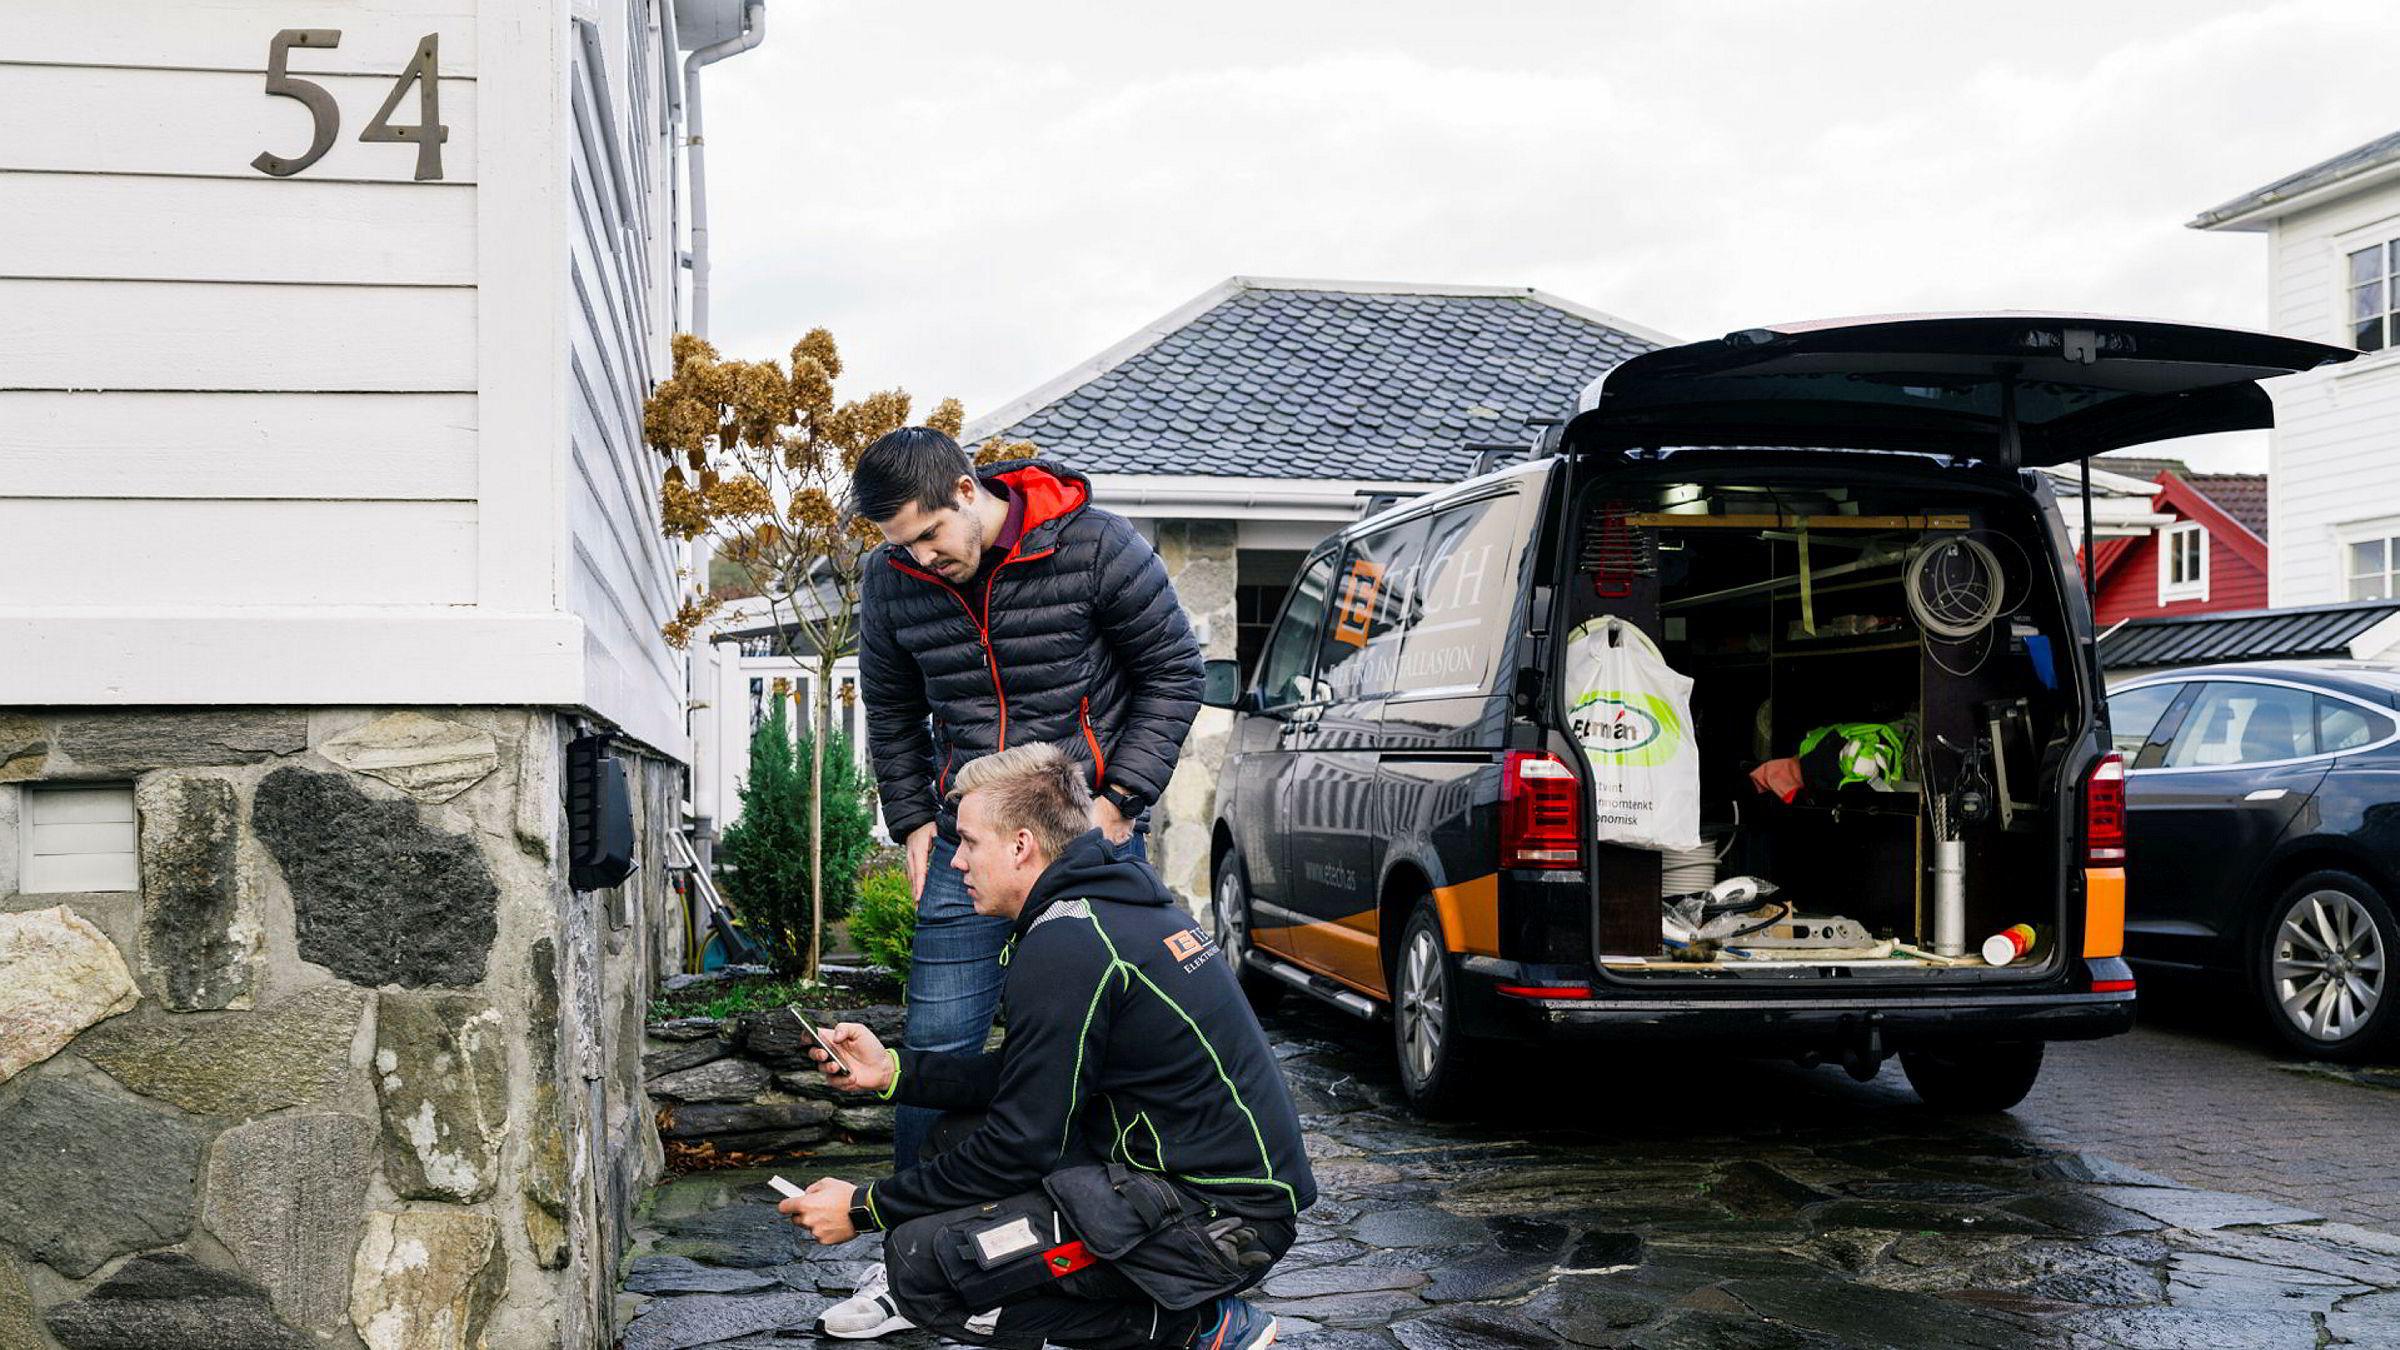 Gründer Jonas Helmikstøl i Easee (til venstre) er sammen med Cato Slettebø fra E-tech som er i gang med å installere nok en lader på et bolighus i Sandnes.